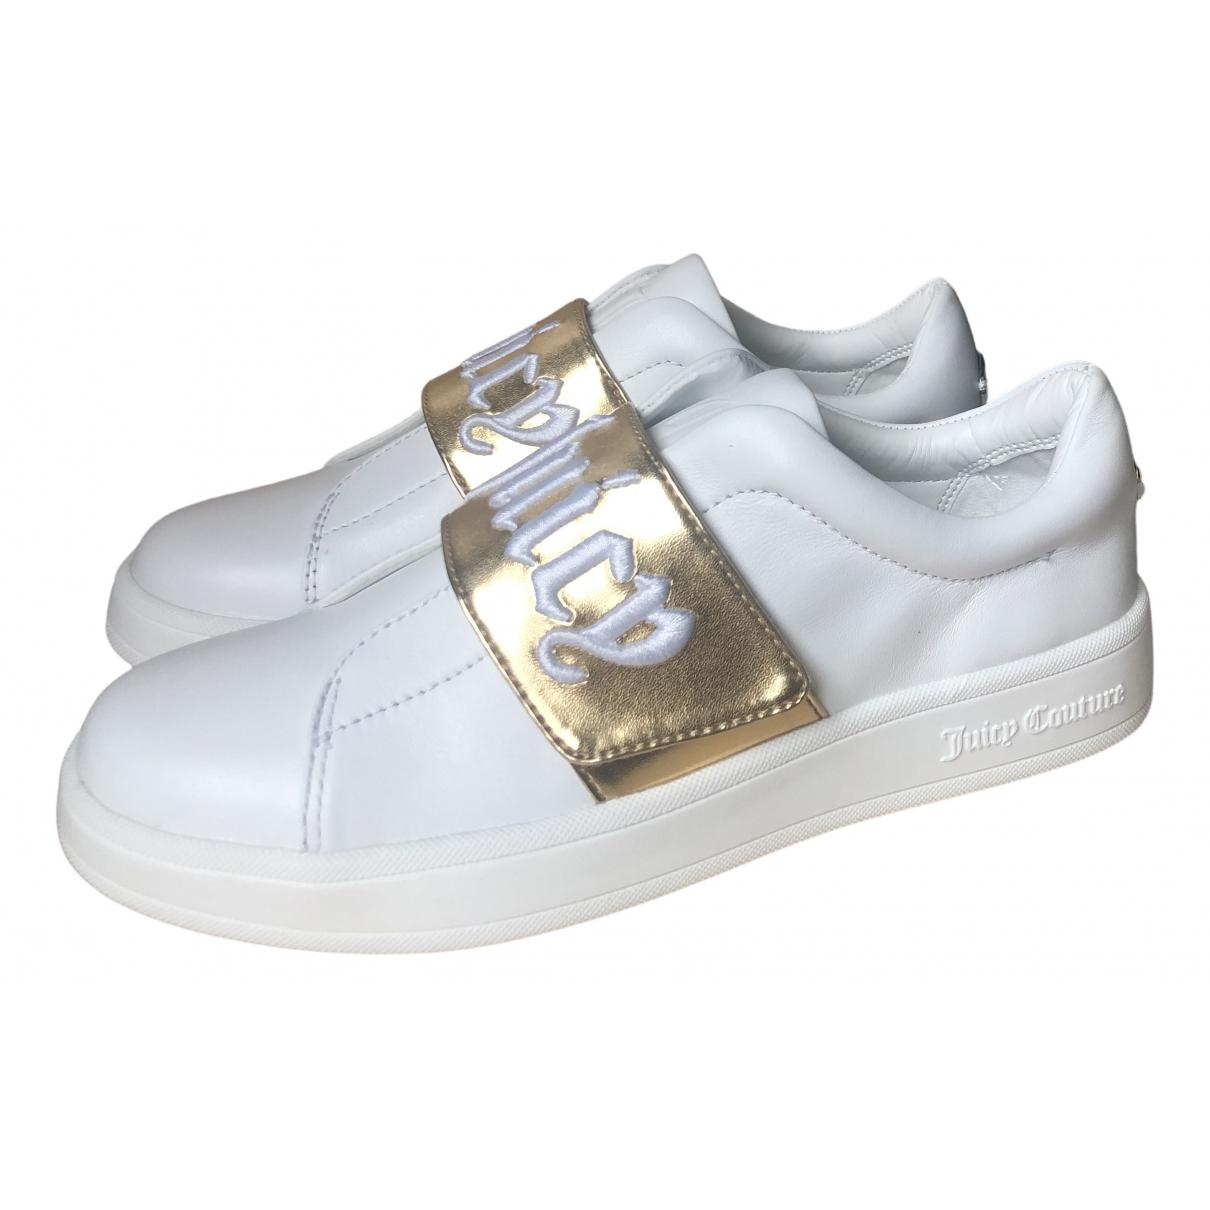 Juicy Couture \N Sneakers in  Weiss Leder